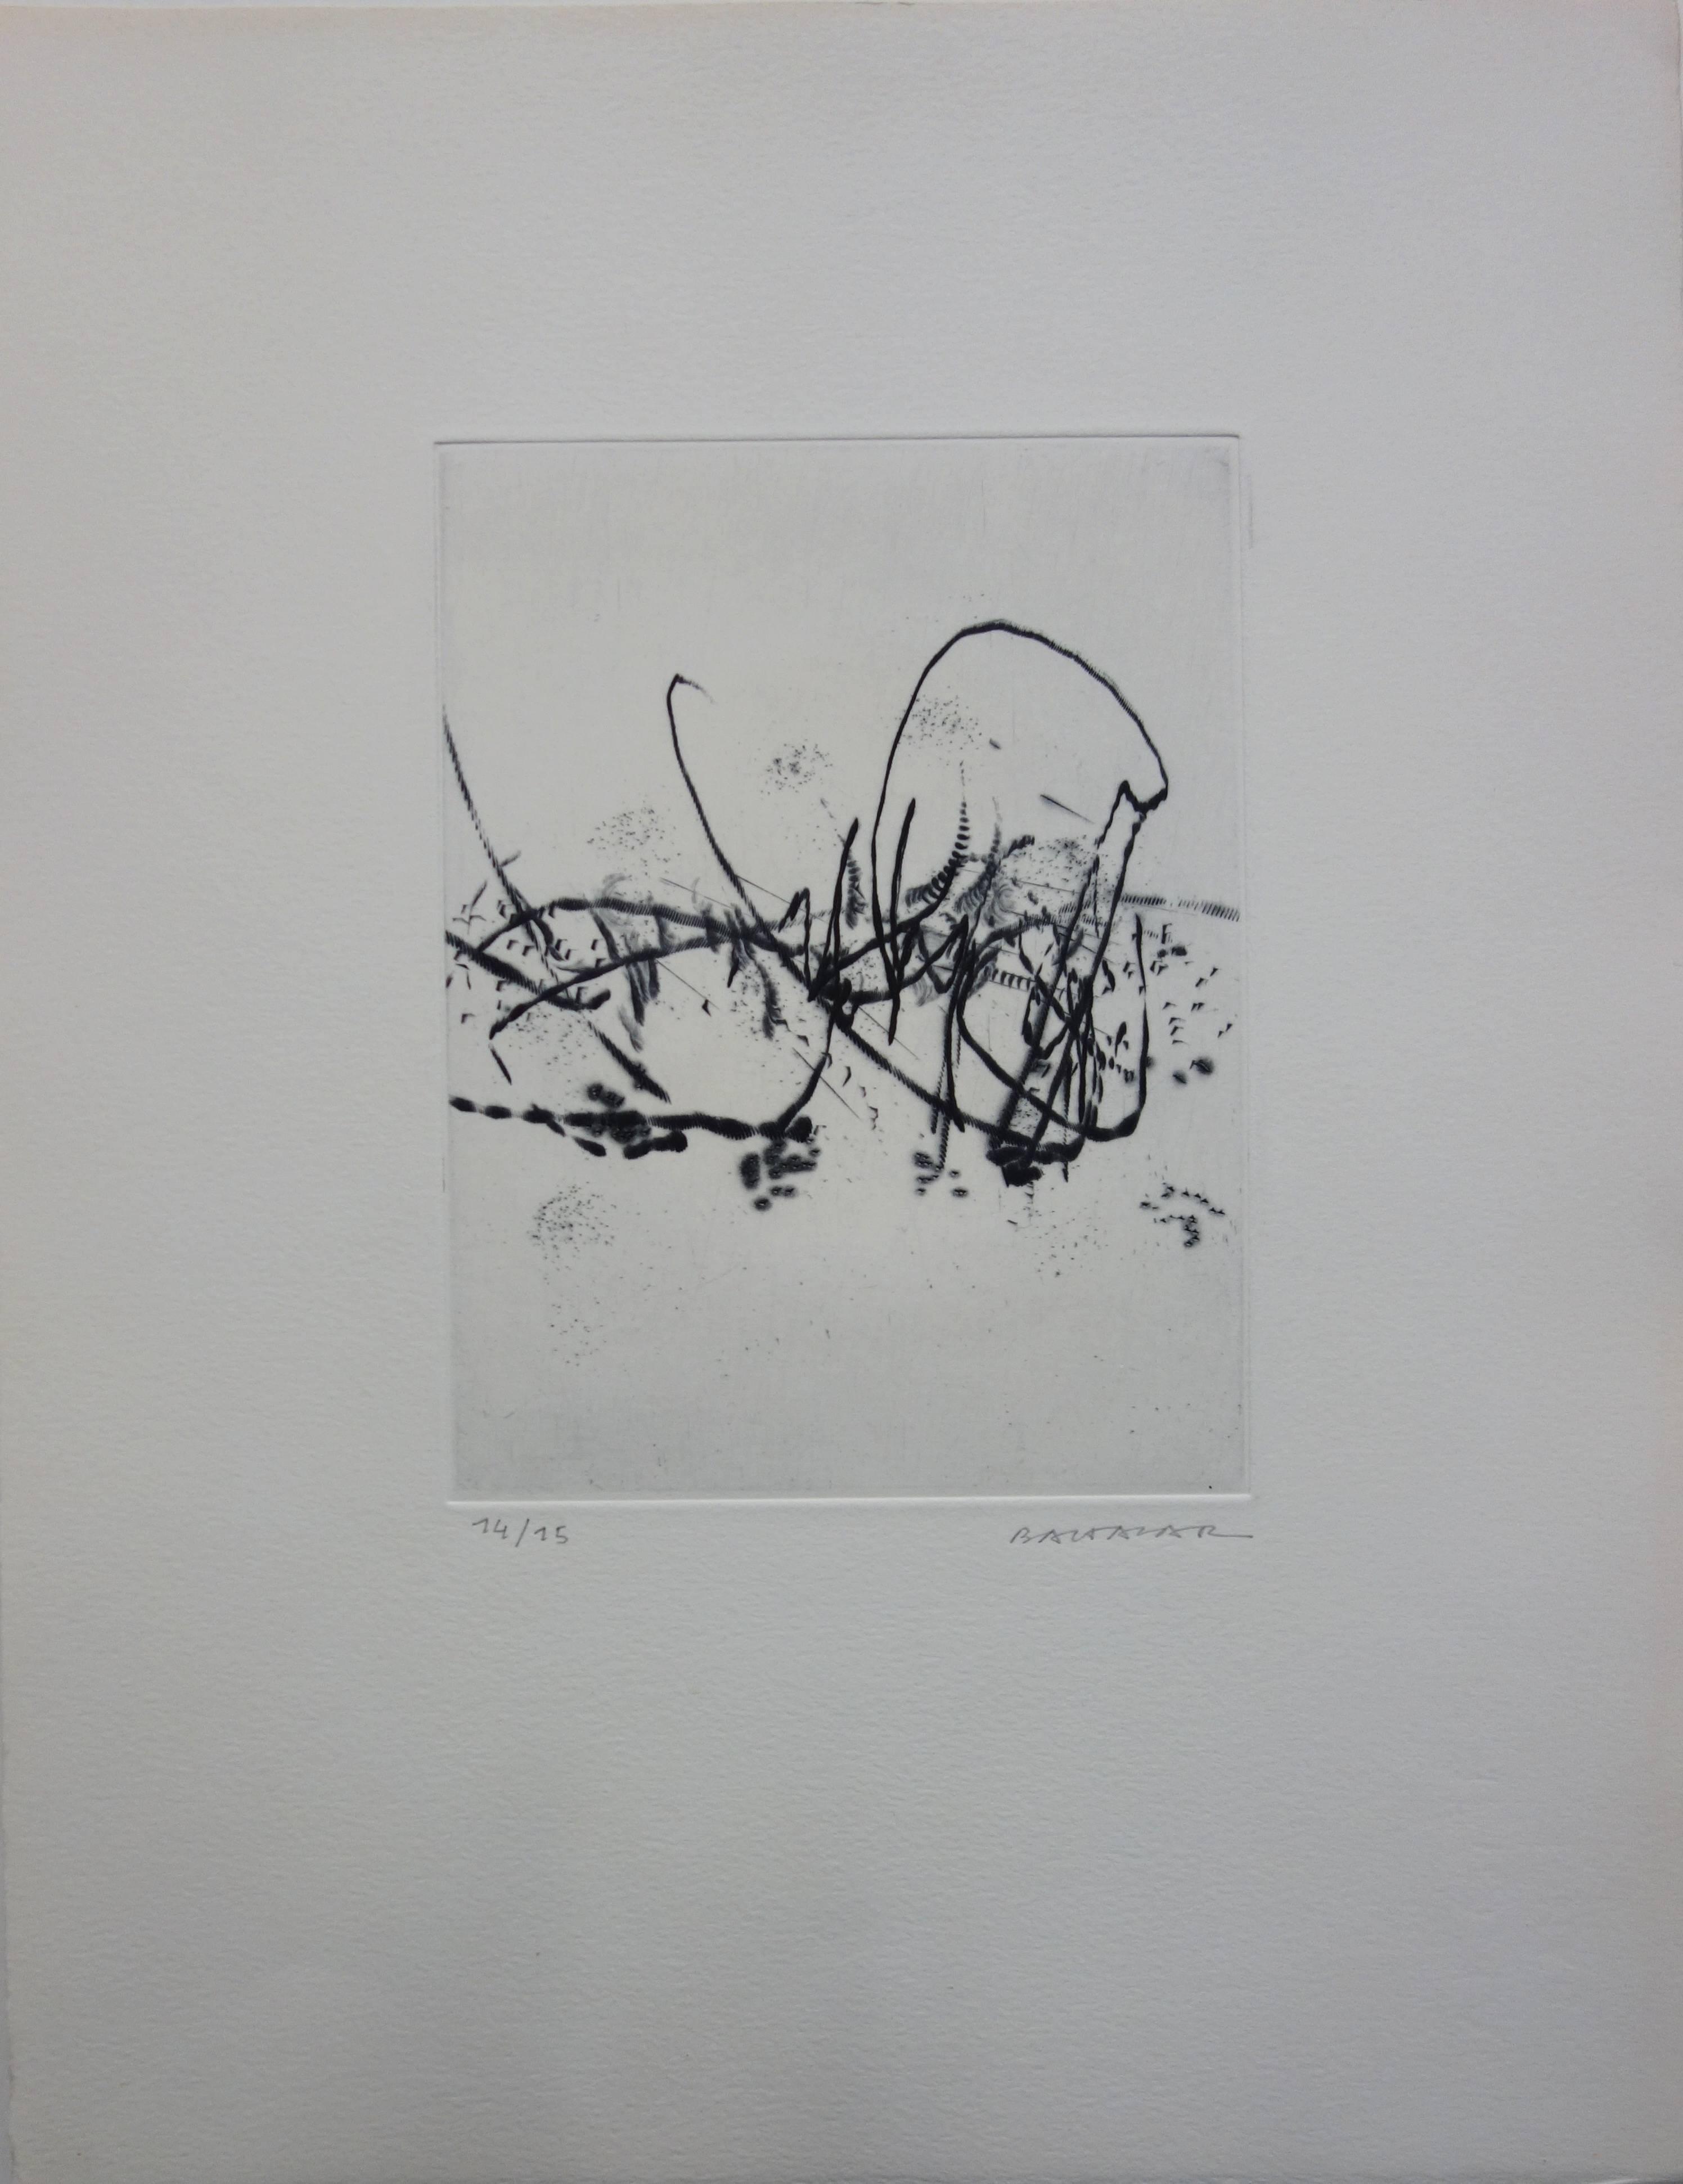 Spring Breeze - Original etching - Handsigned